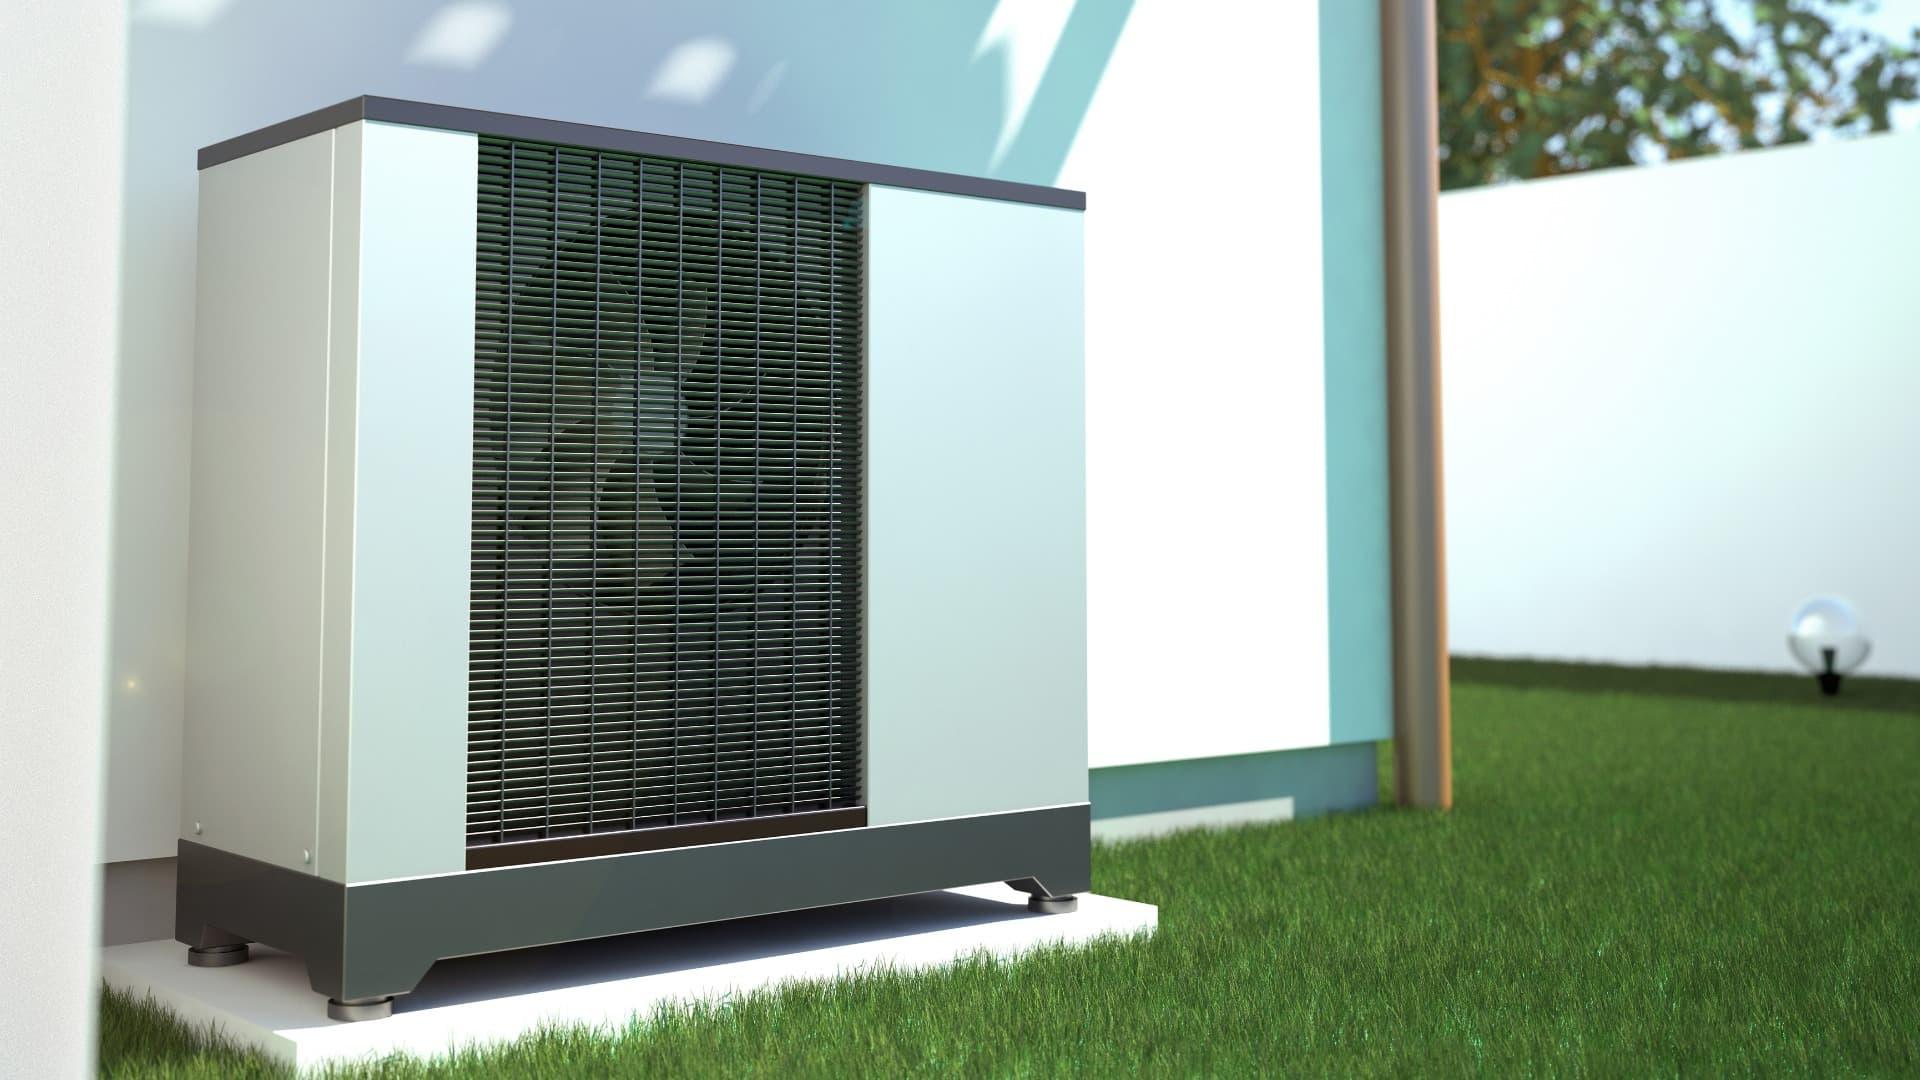 Contrat d'entretien de pompe à chaleur air/eau